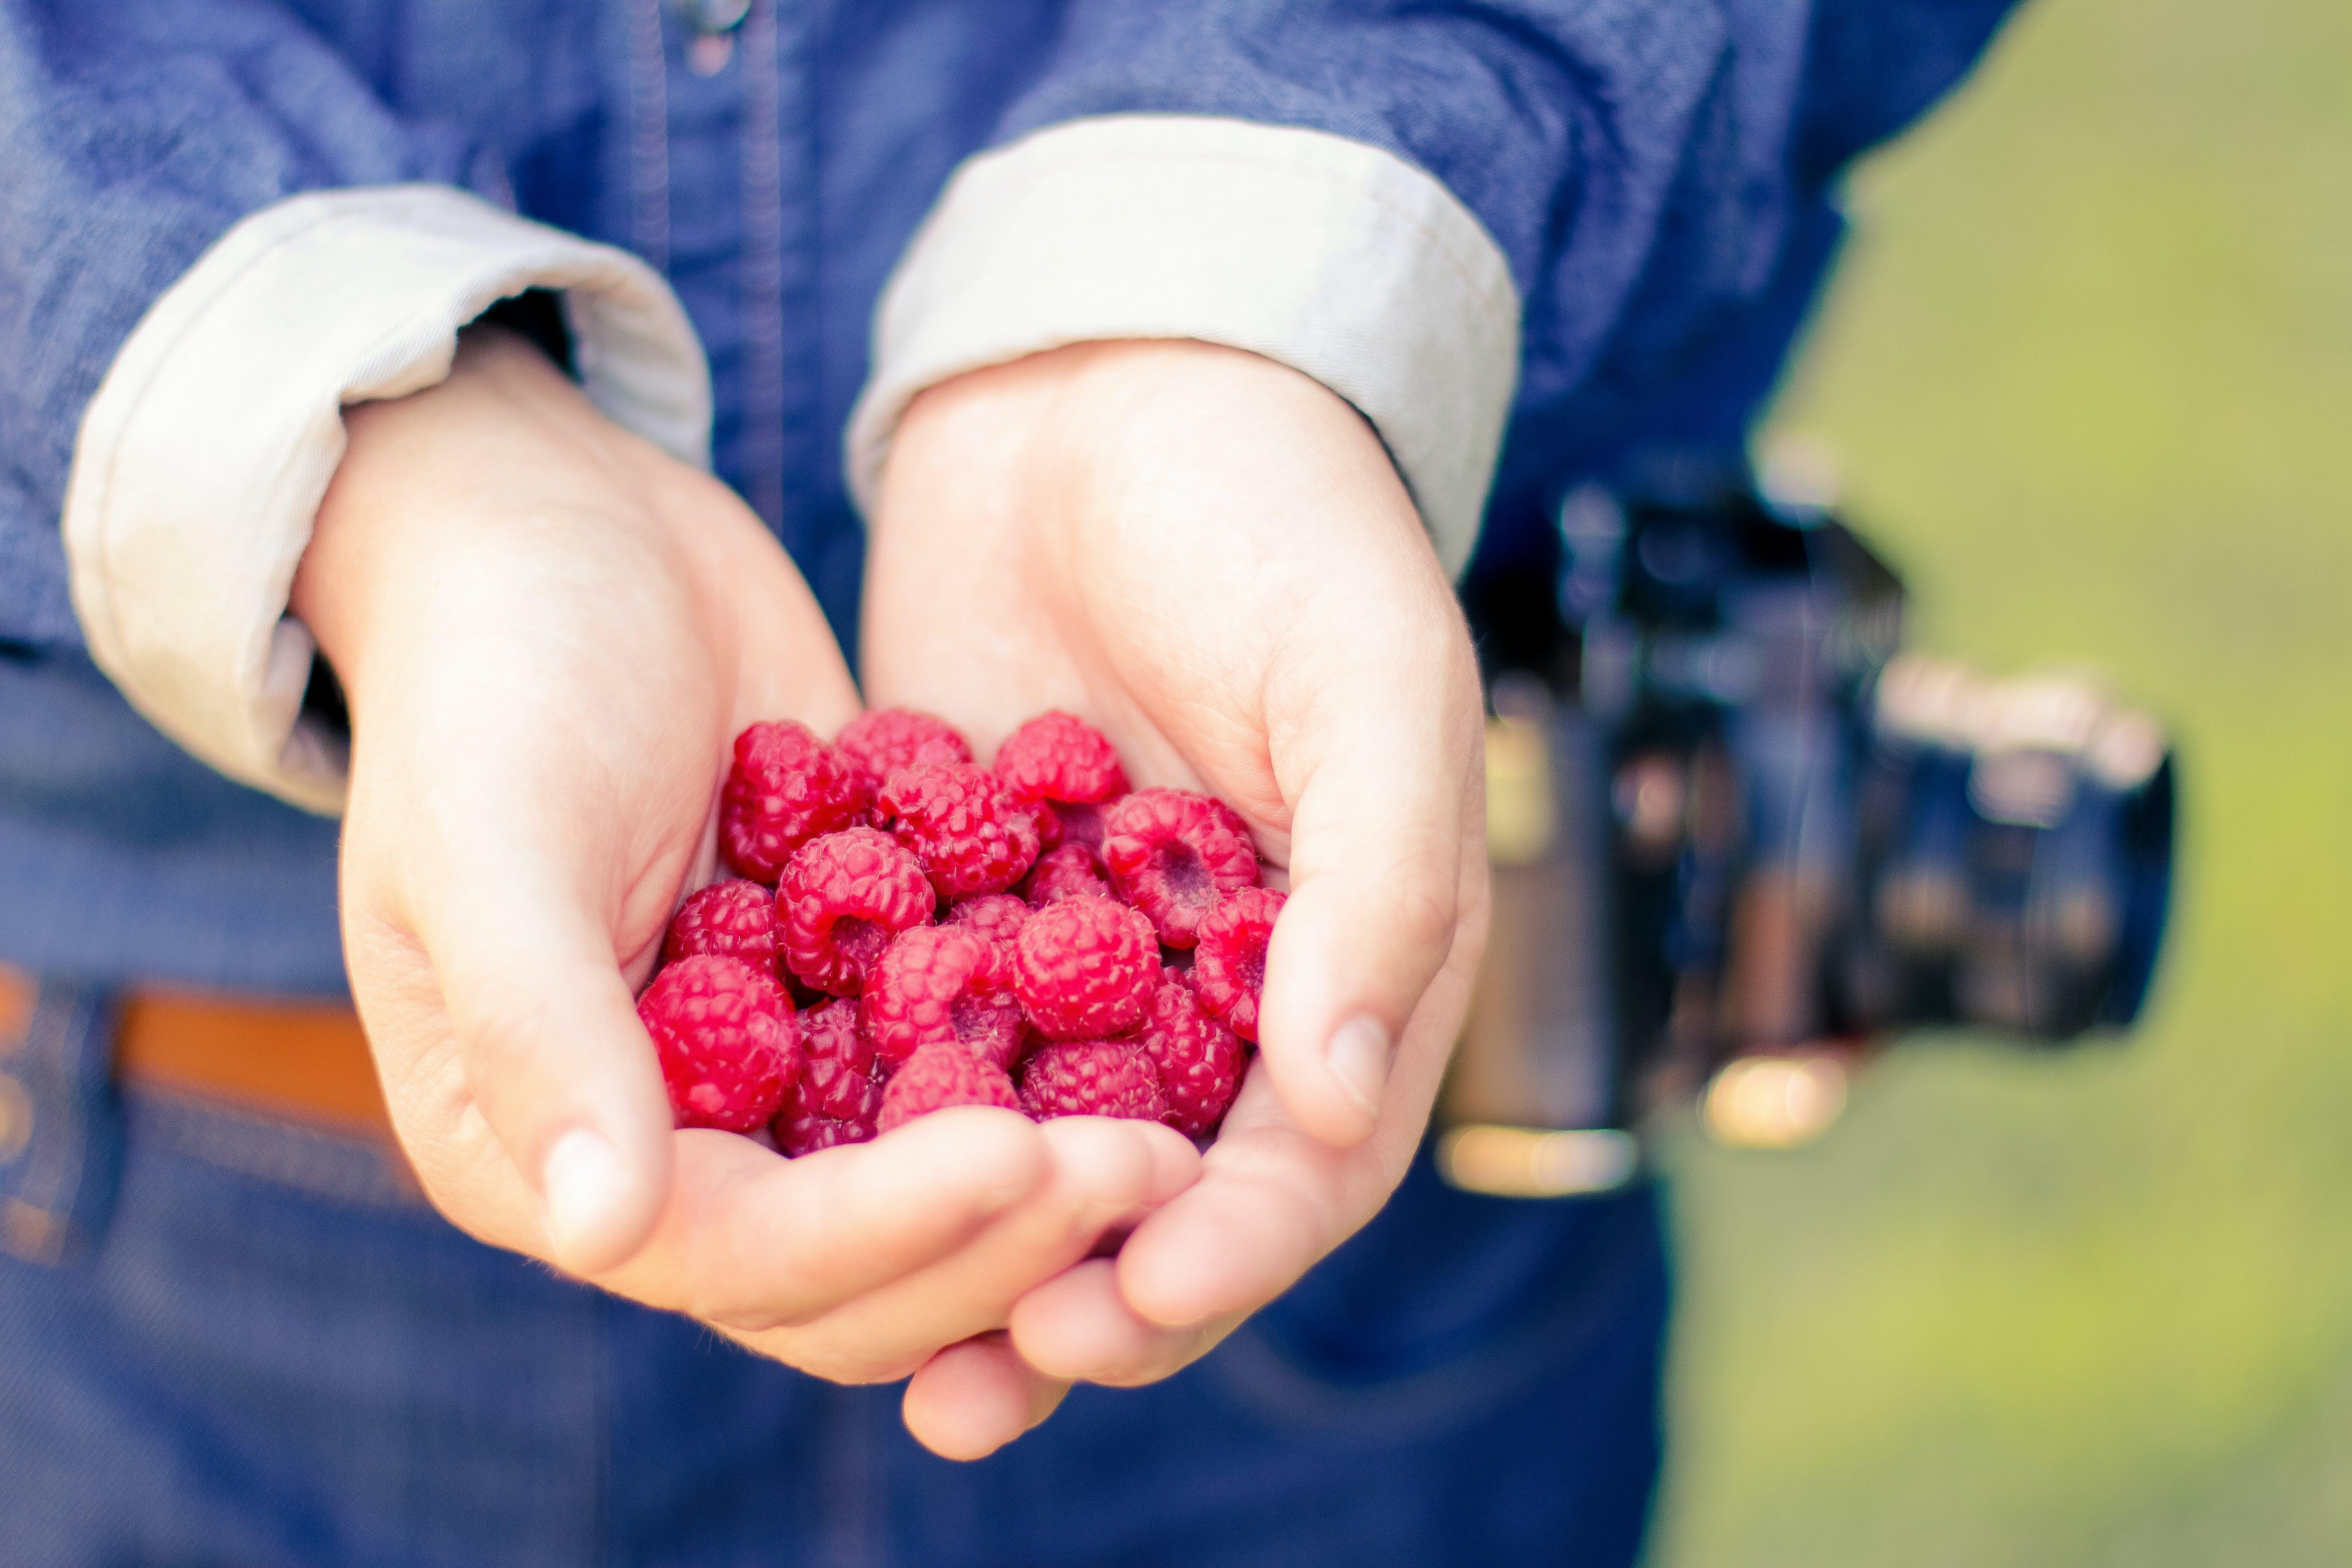 früchte, gesund, hände